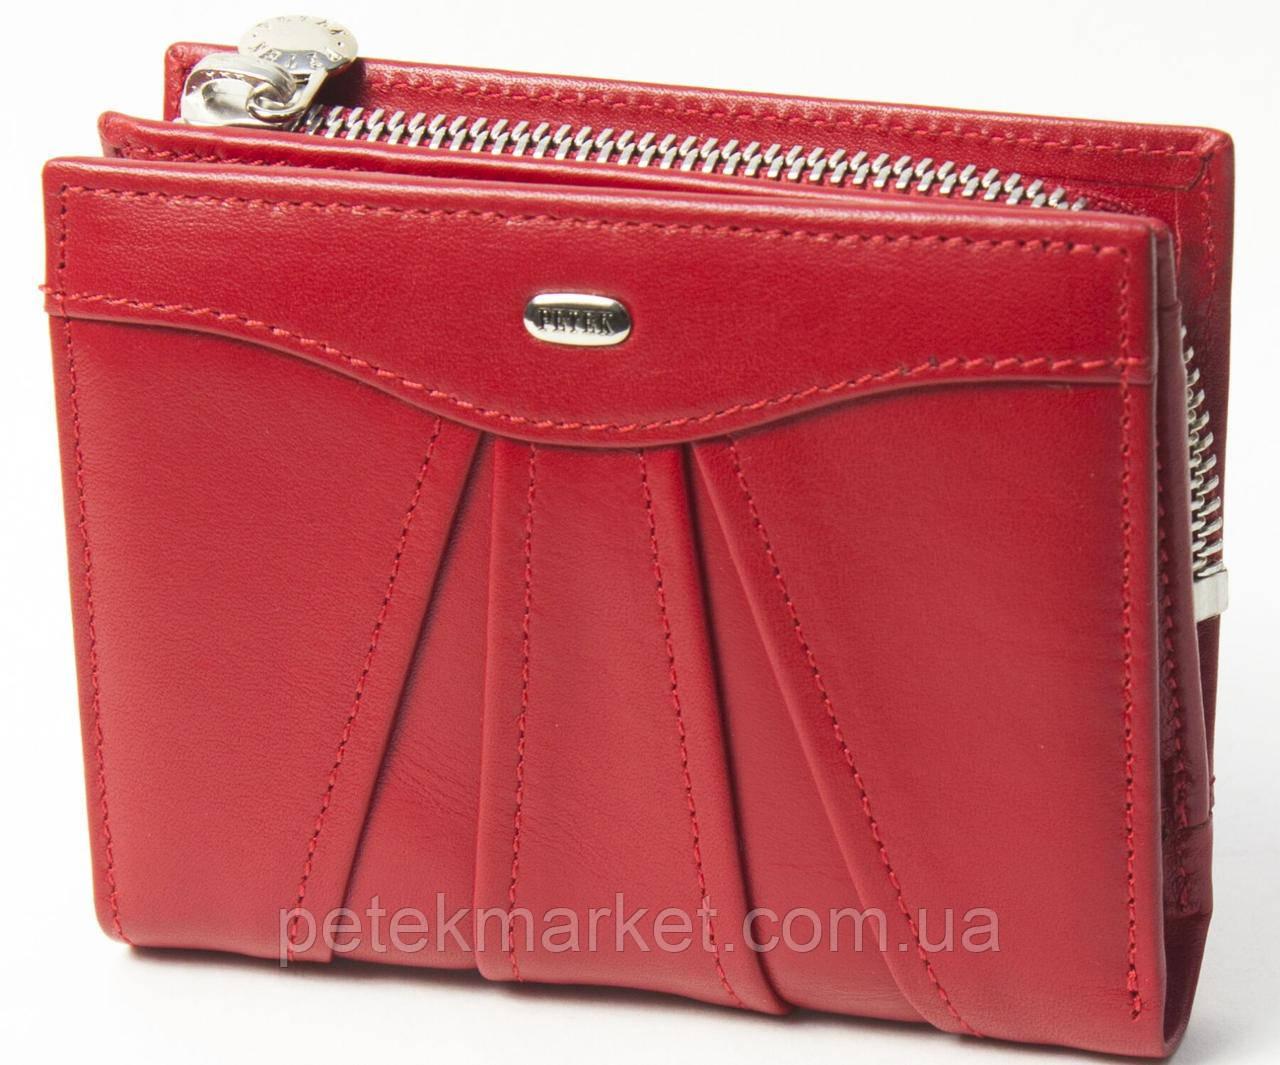 Женское портмоне Petek 428, Красный, 1, 5+, Вертикальное, Гладкая, Снаружи, Матовая, Стандартное